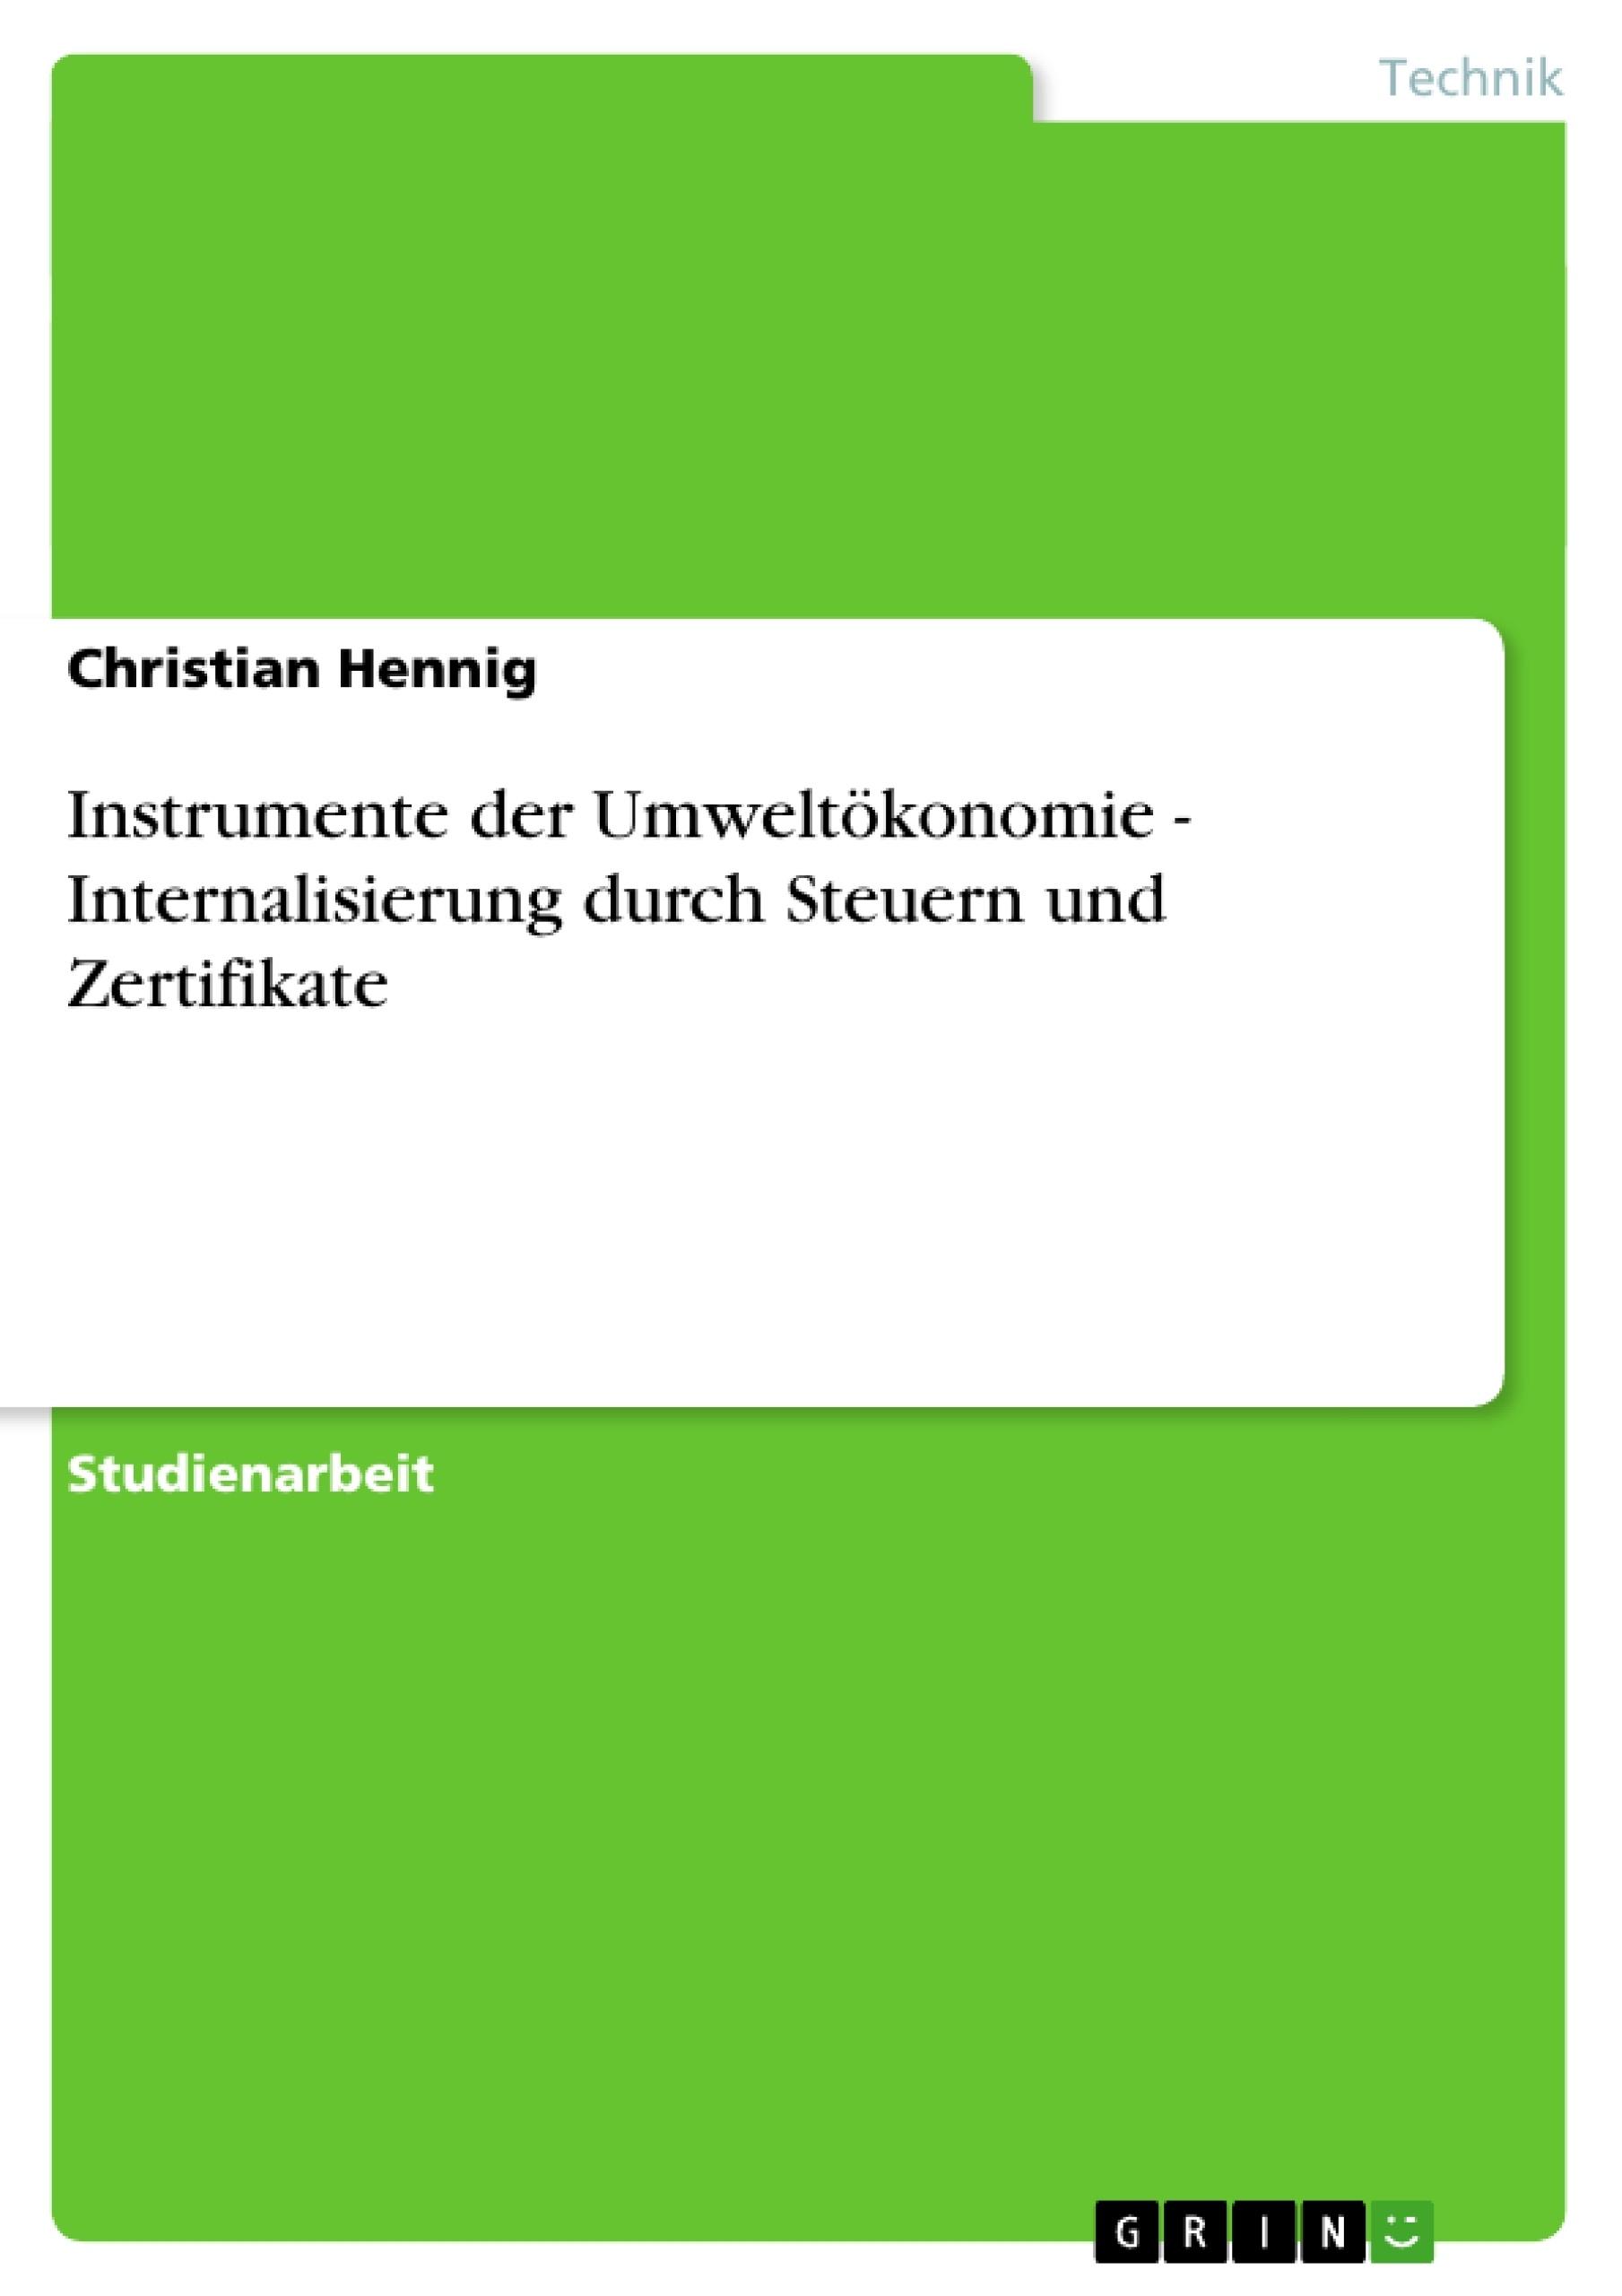 Titel: Instrumente der Umweltökonomie - Internalisierung durch Steuern und Zertifikate